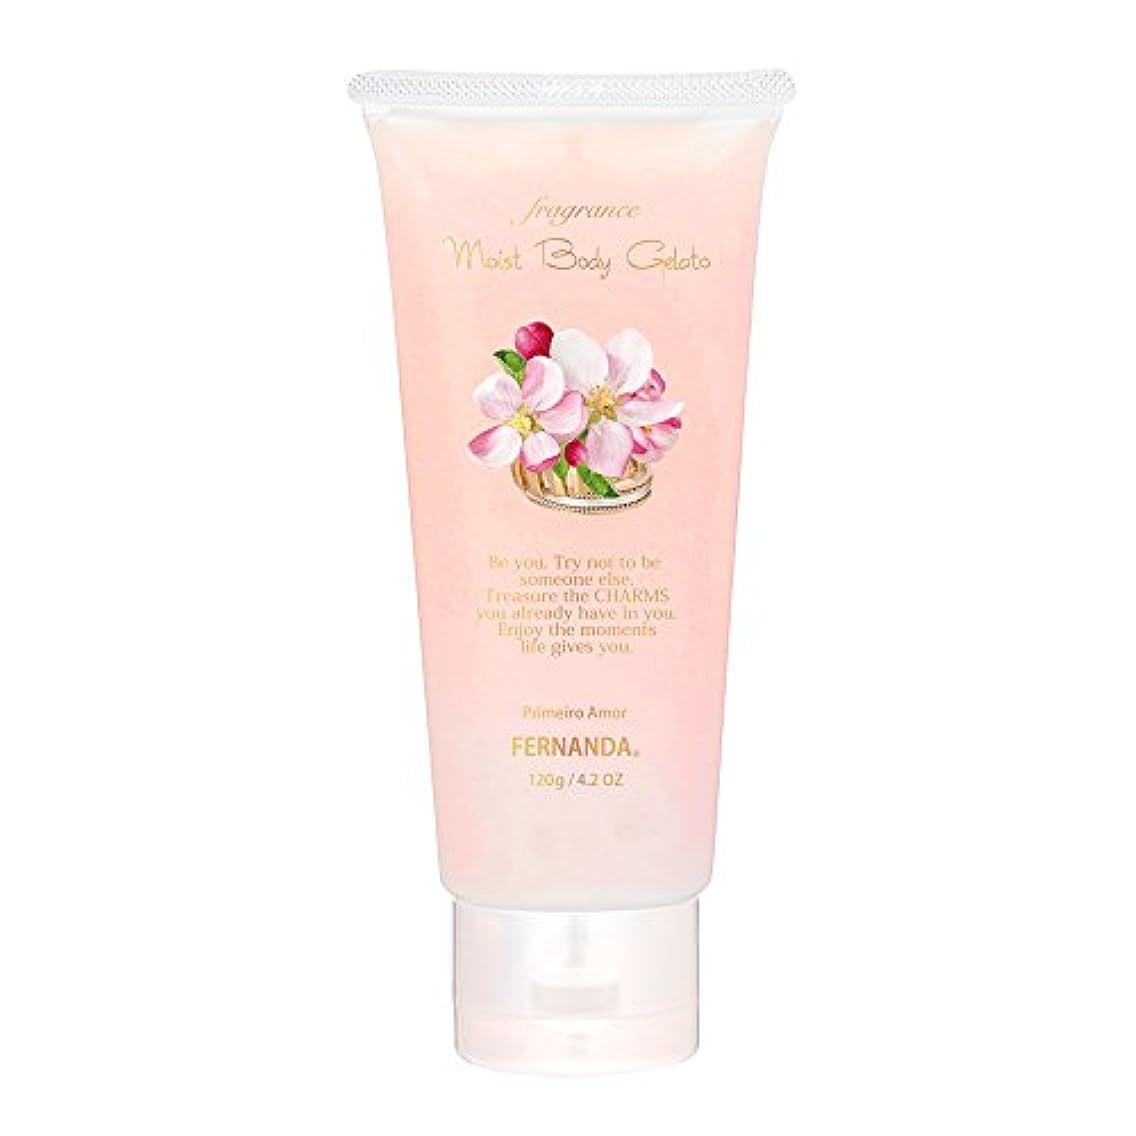 花遺伝子マイクロFERNANDA(フェルナンダ) Fragrance Moist Body Gelato Primeiro Amor (モイストボディジェラート プリメイロアモール)